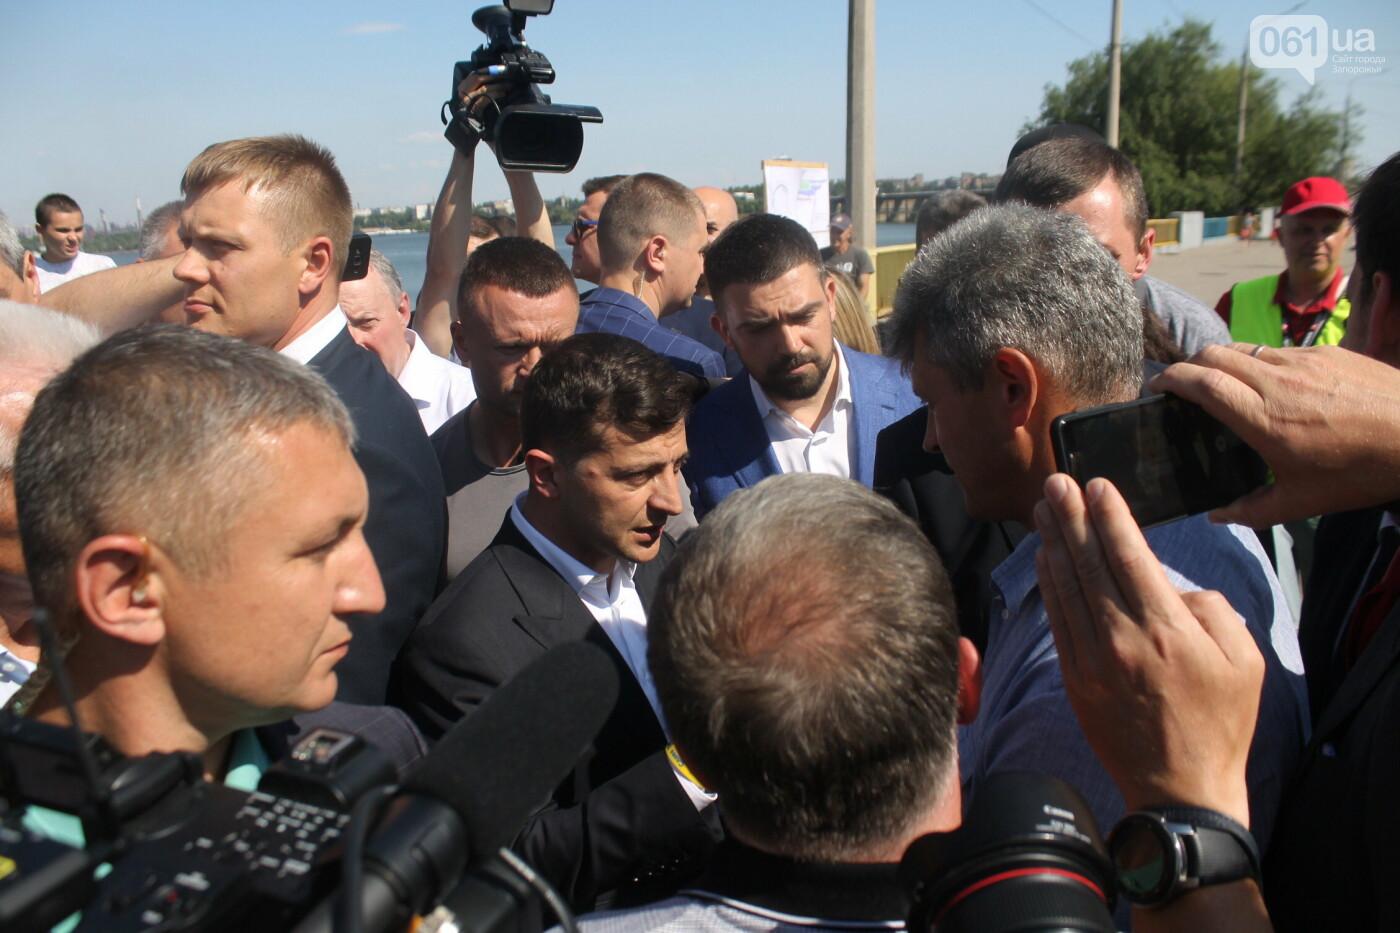 Зеленский в Запорожье: гендиректор «Укргидроэнерго» пообещал уволиться, если вовремя не закончит ремонт плотины, – ФОТО, фото-6